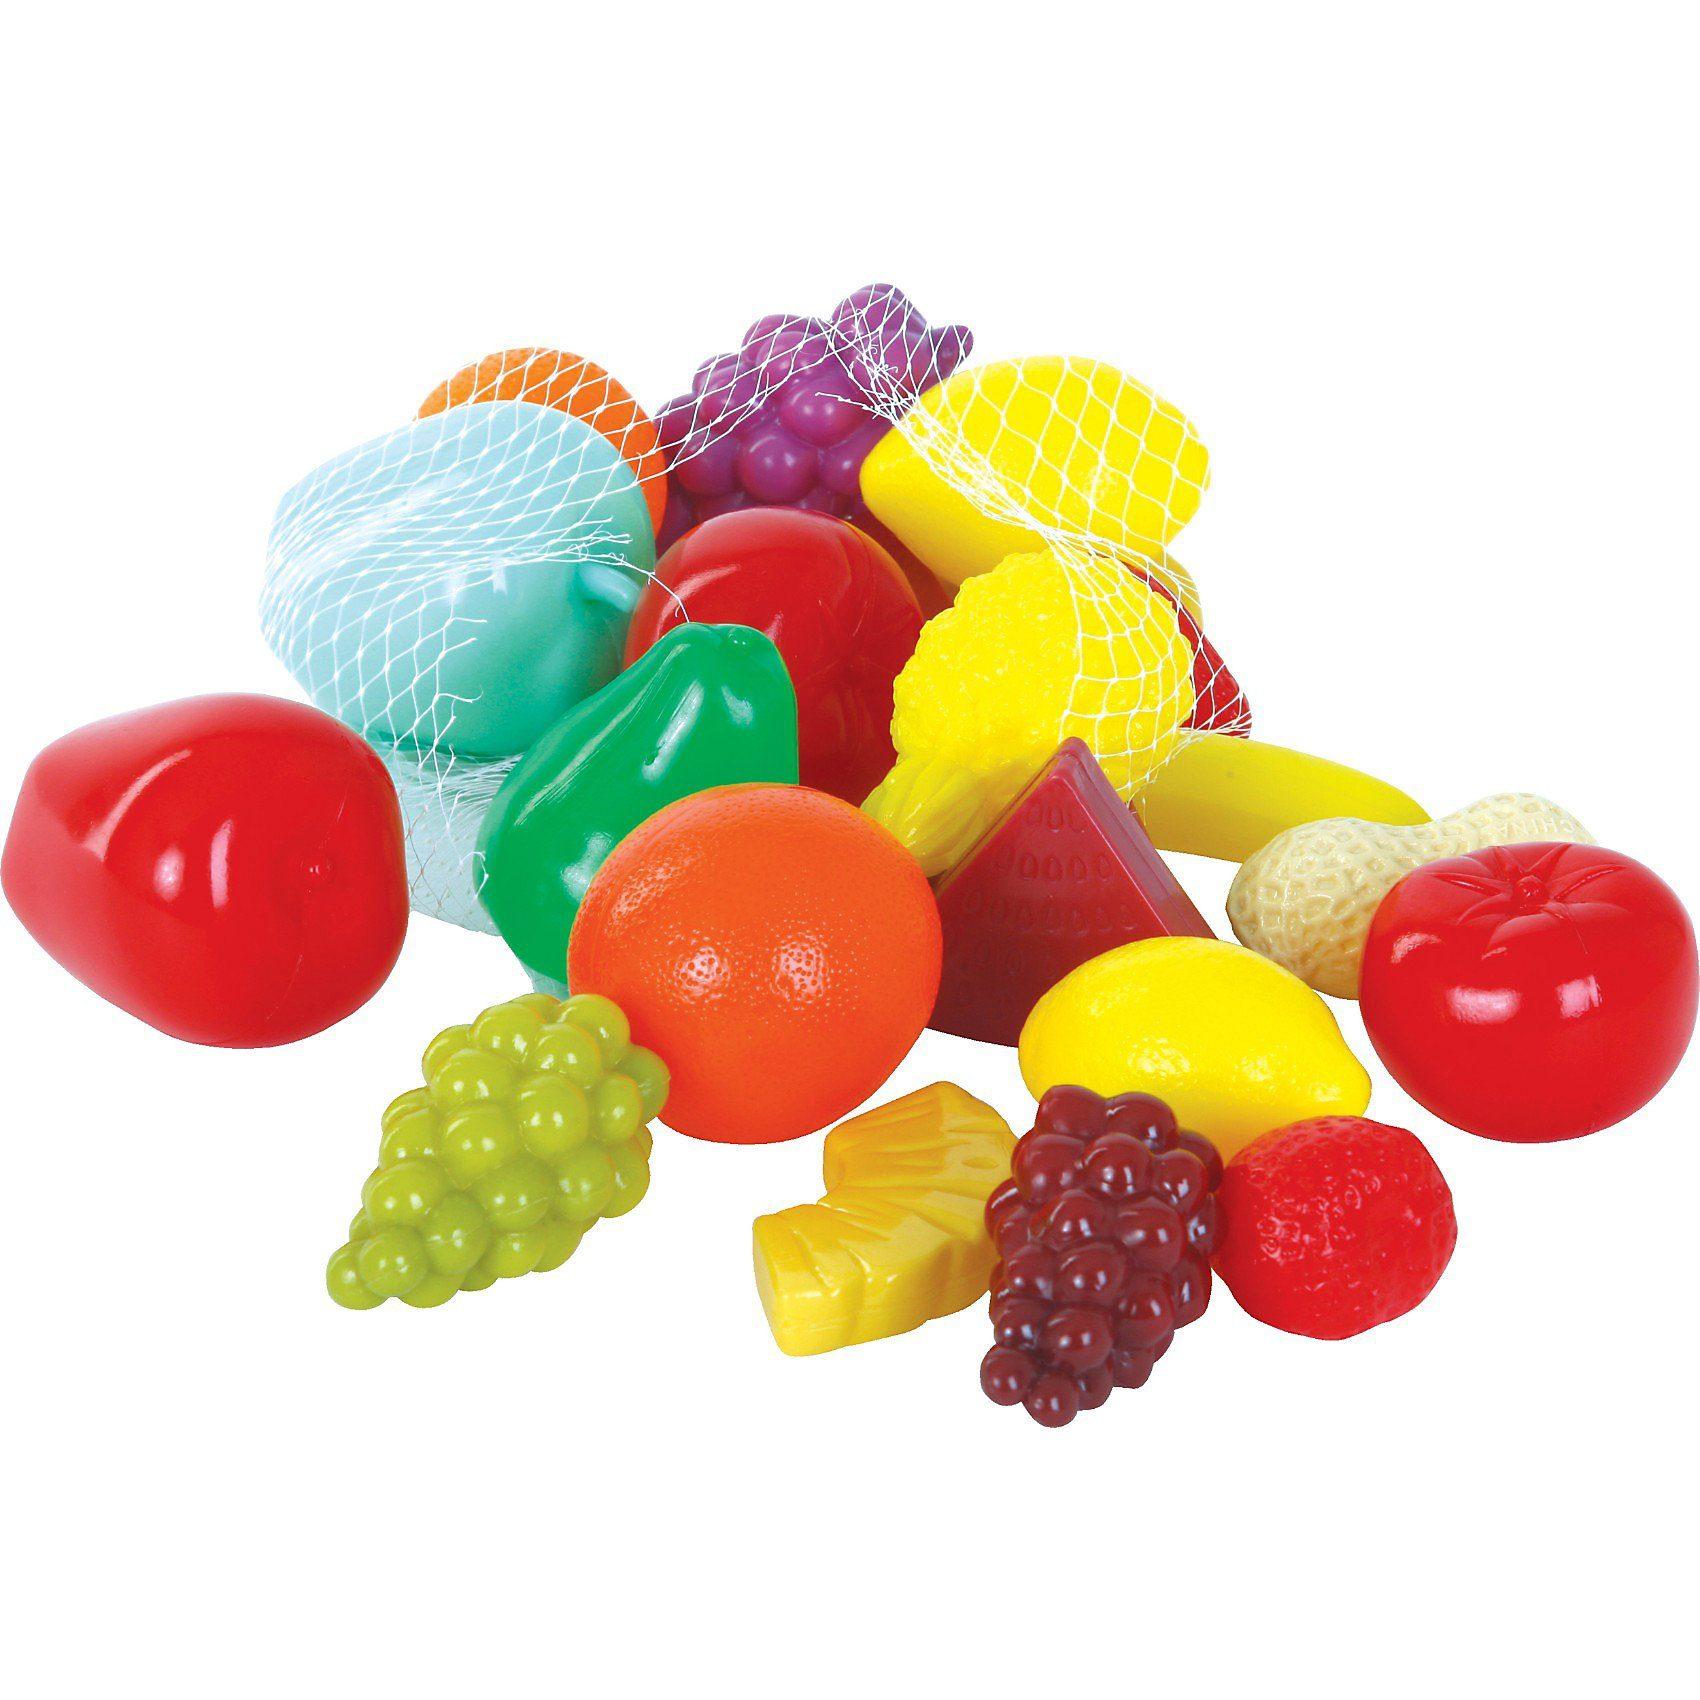 GOWI Spiellebensmittel Früchte, 22-tlg.